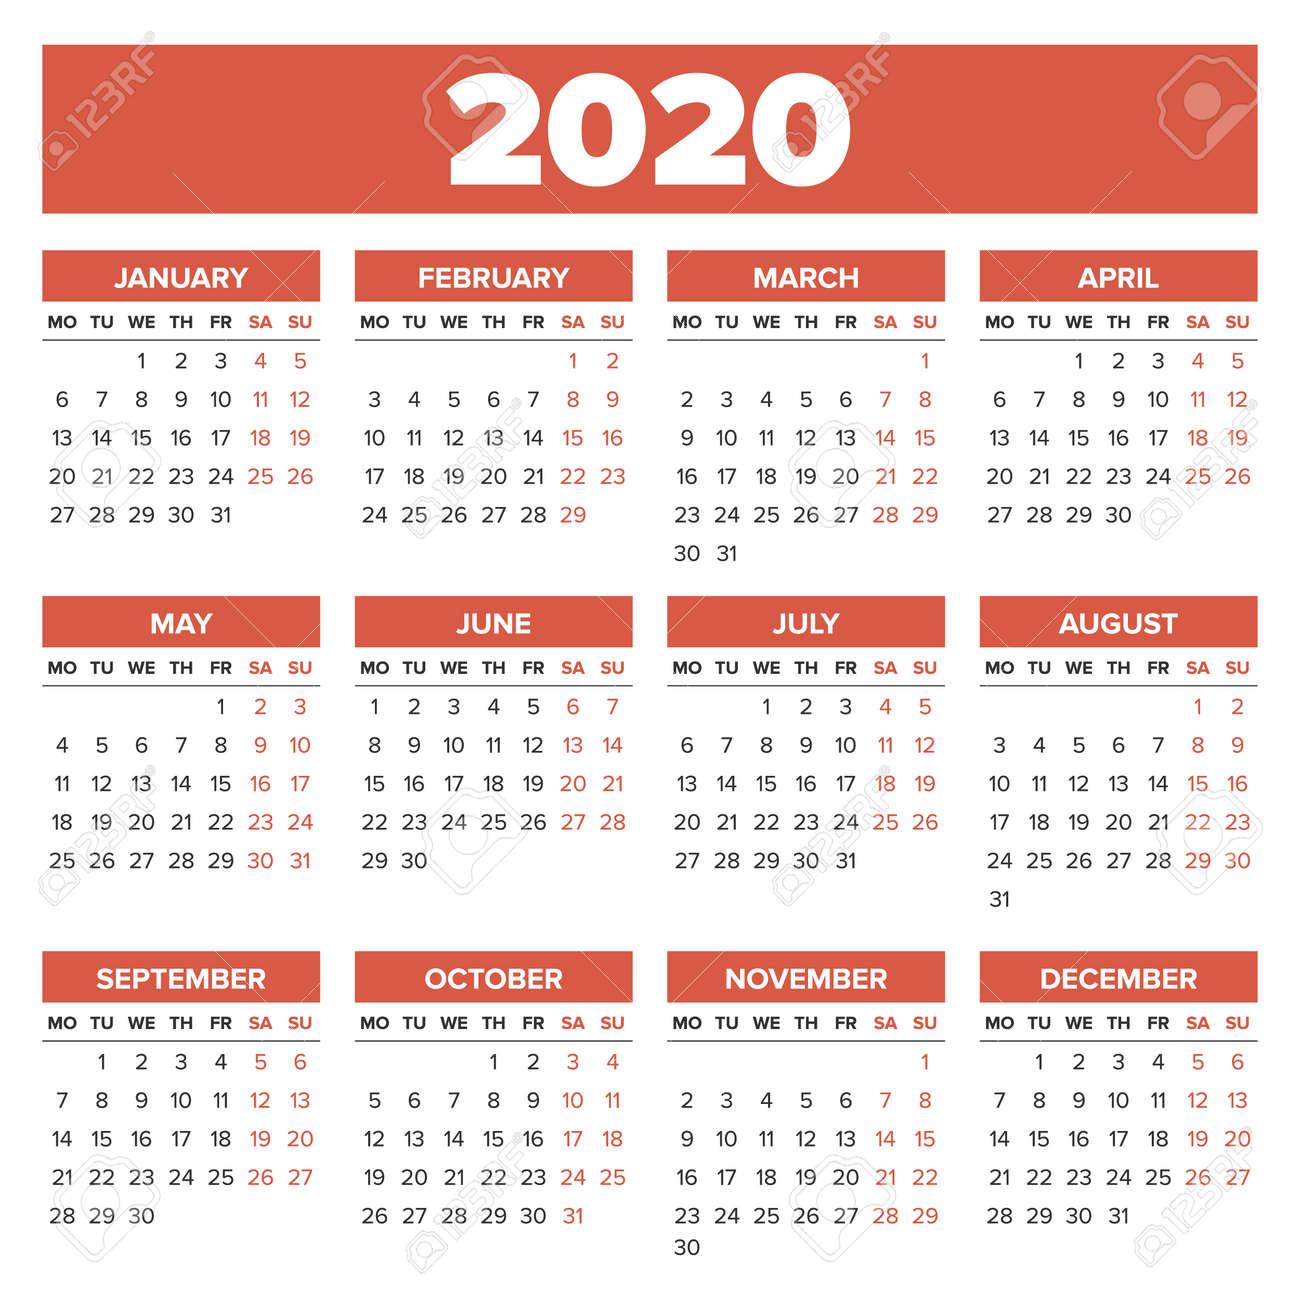 Calendario Diario 2020.Sencillo 2020 Ano Calendario La Semana Comienza El Lunes